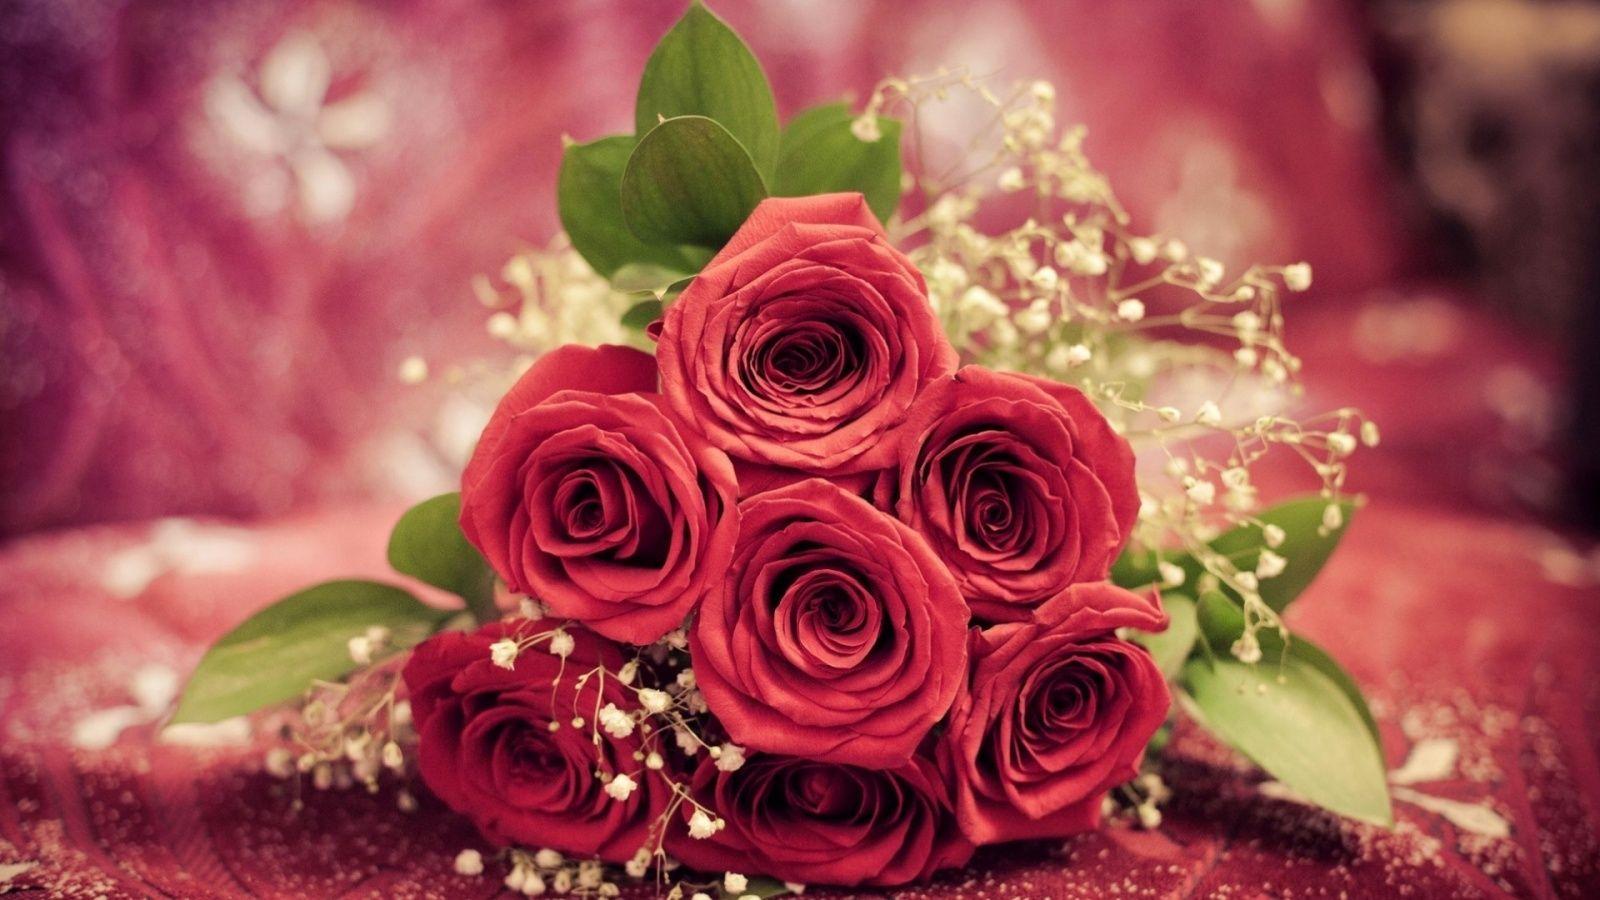 regalare-fiori1